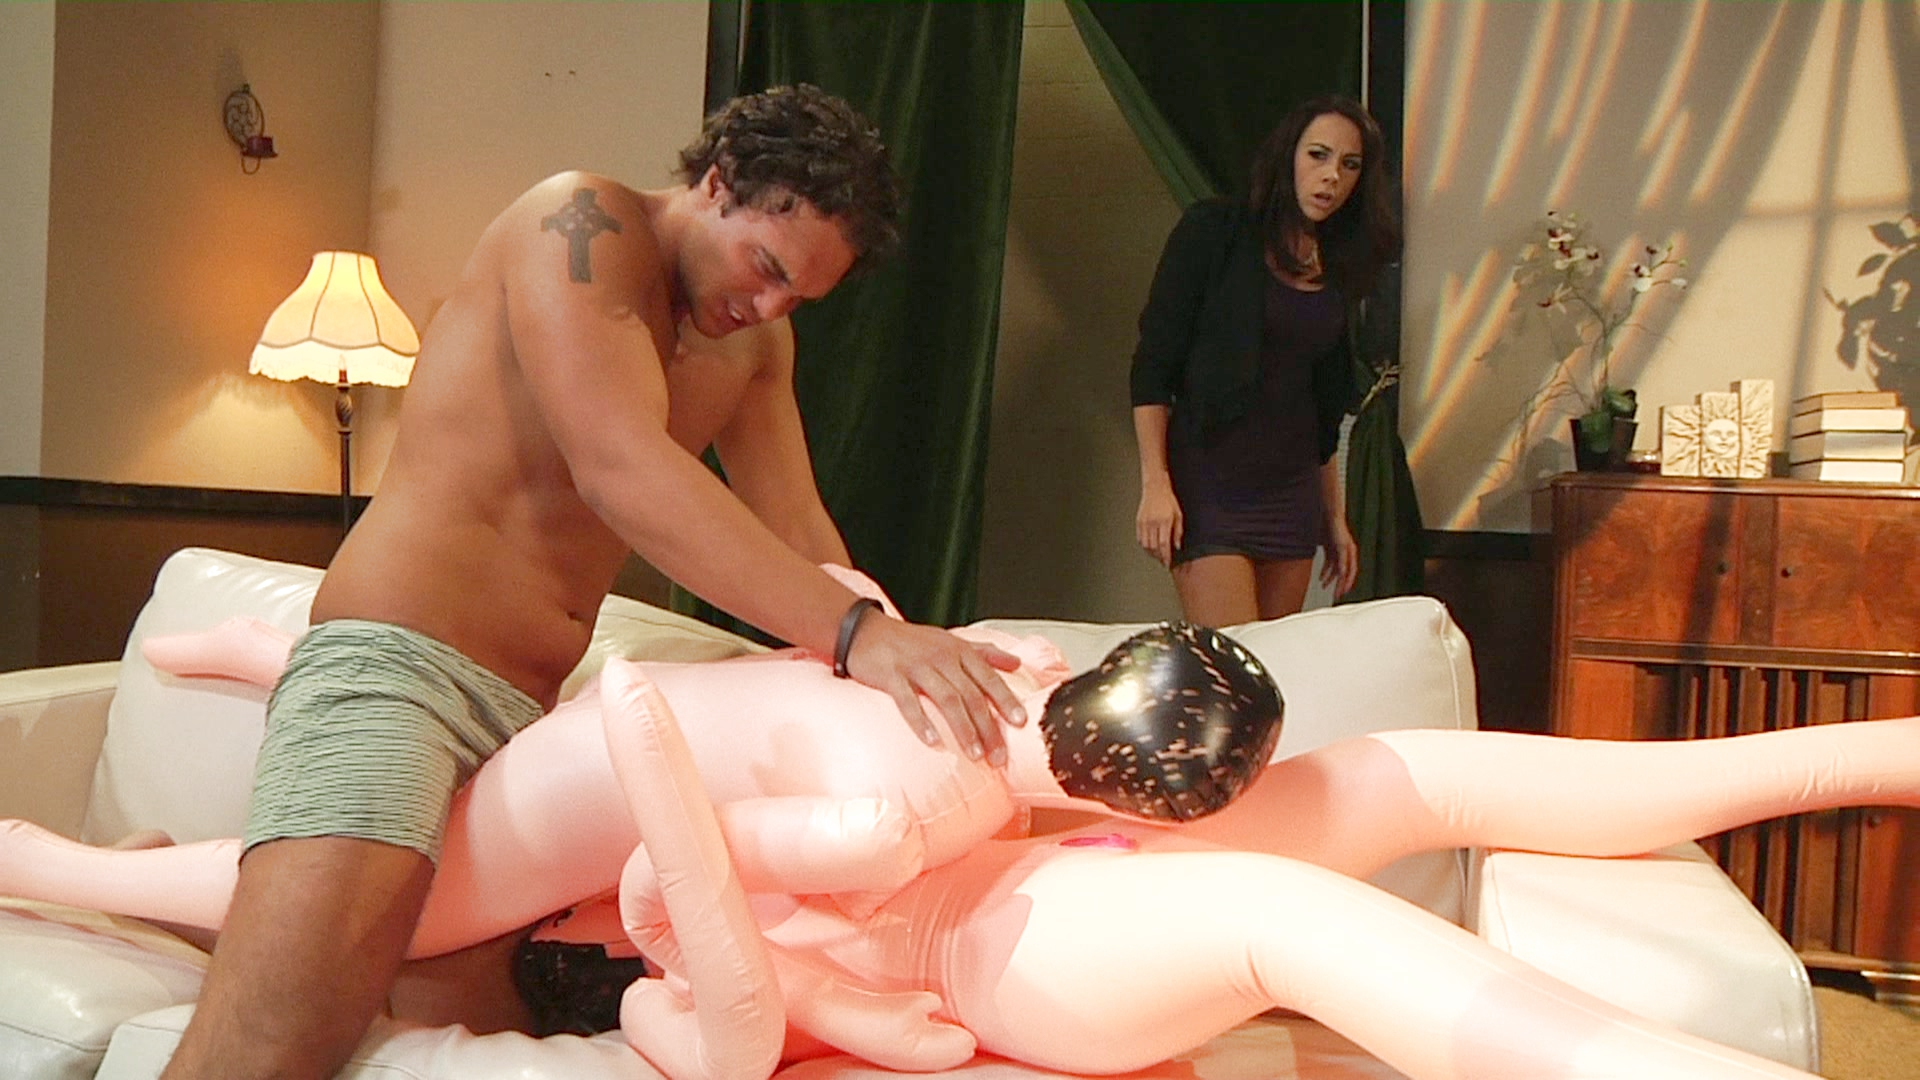 несомненно, можно порно мужик и надувная кукла можем